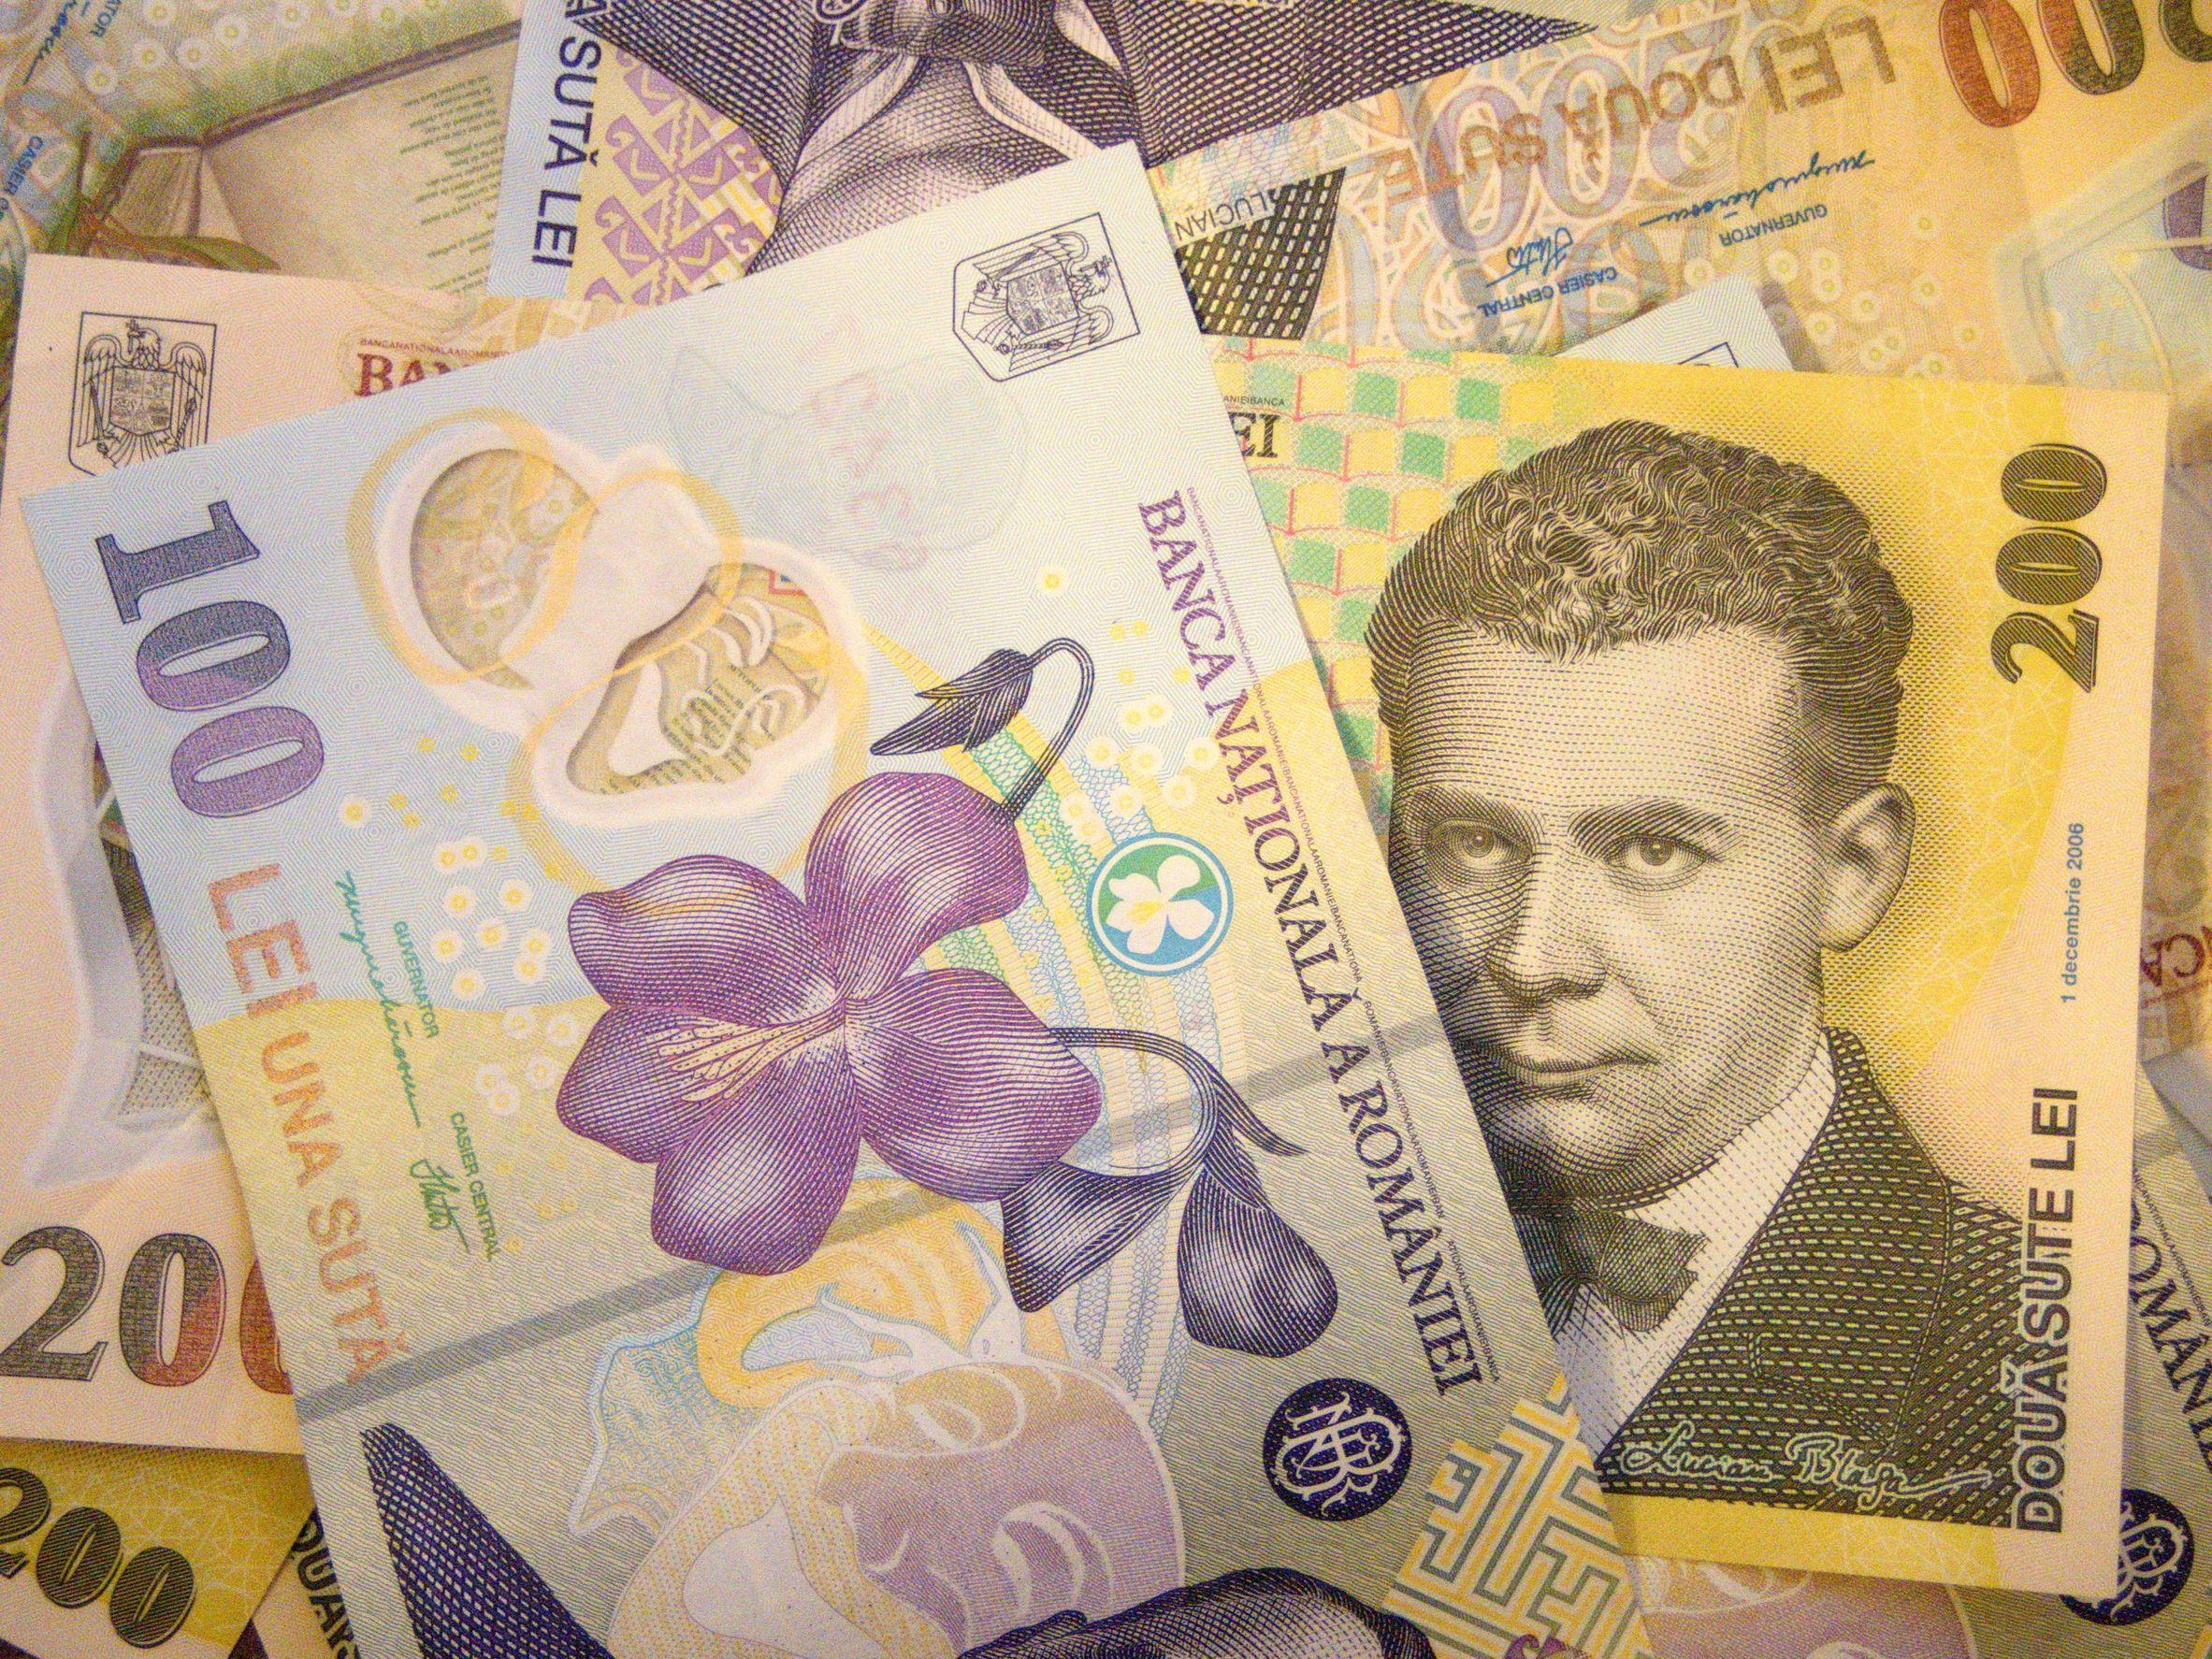 România are o şansă unică să facă în următorul deceniu cel mai mare salt economic din istorie: dublarea PIB, dublarea salariilor, un milion de antreprenori